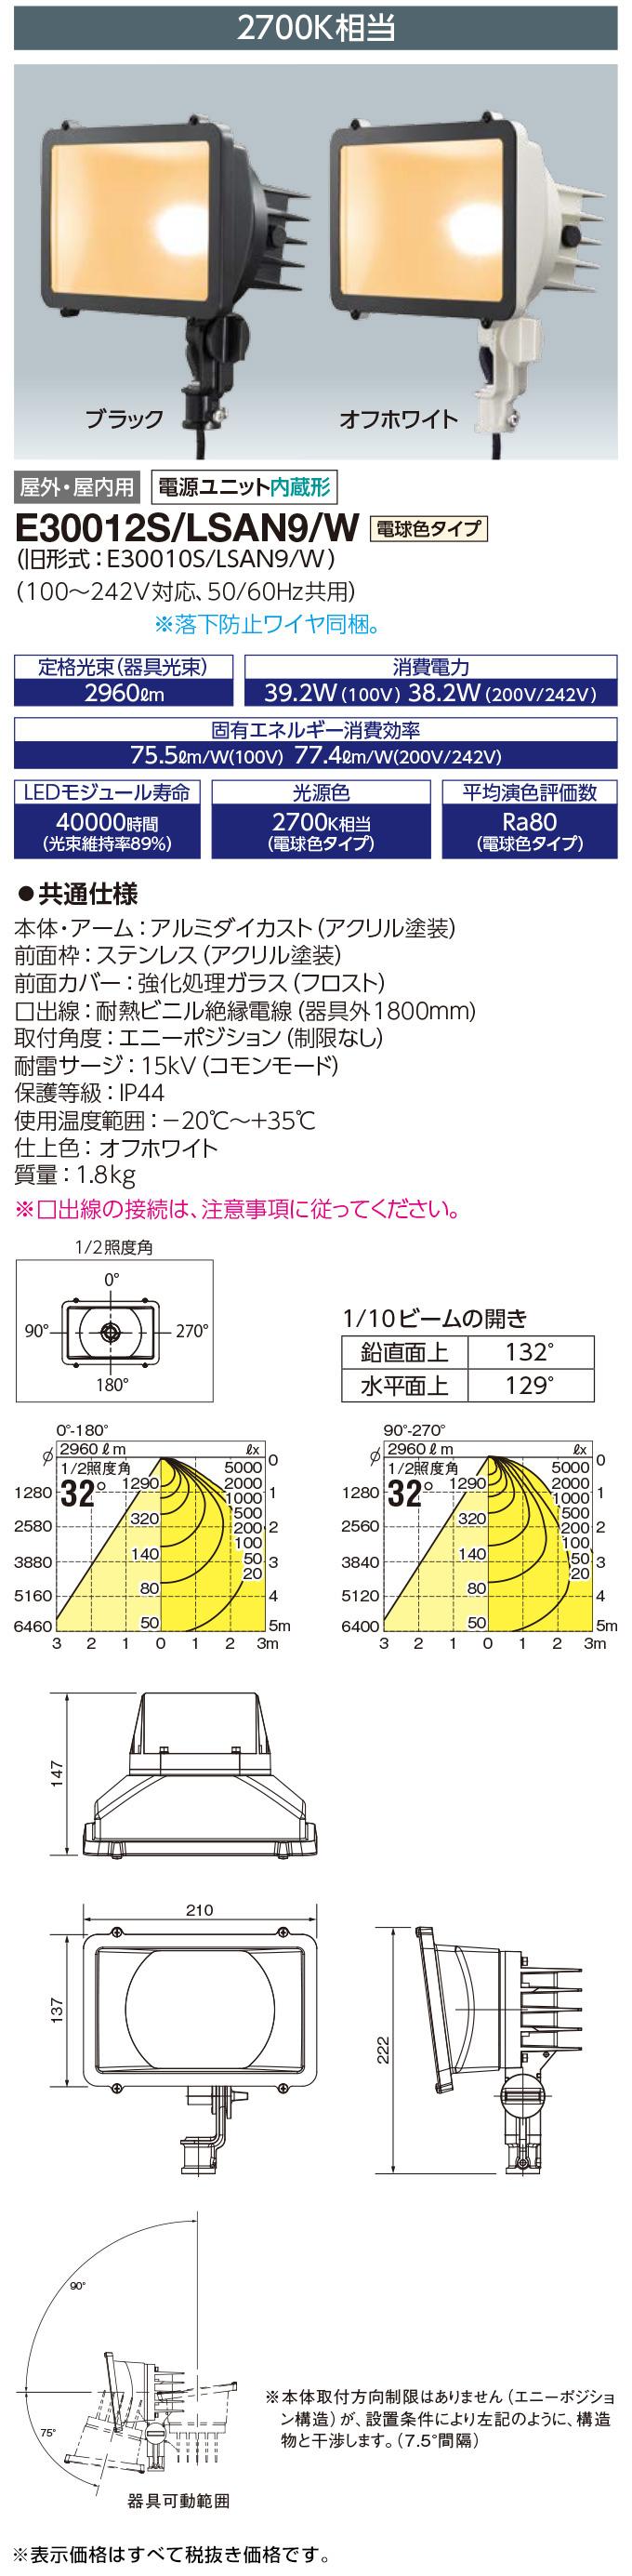 E30012S/LSAN9/W